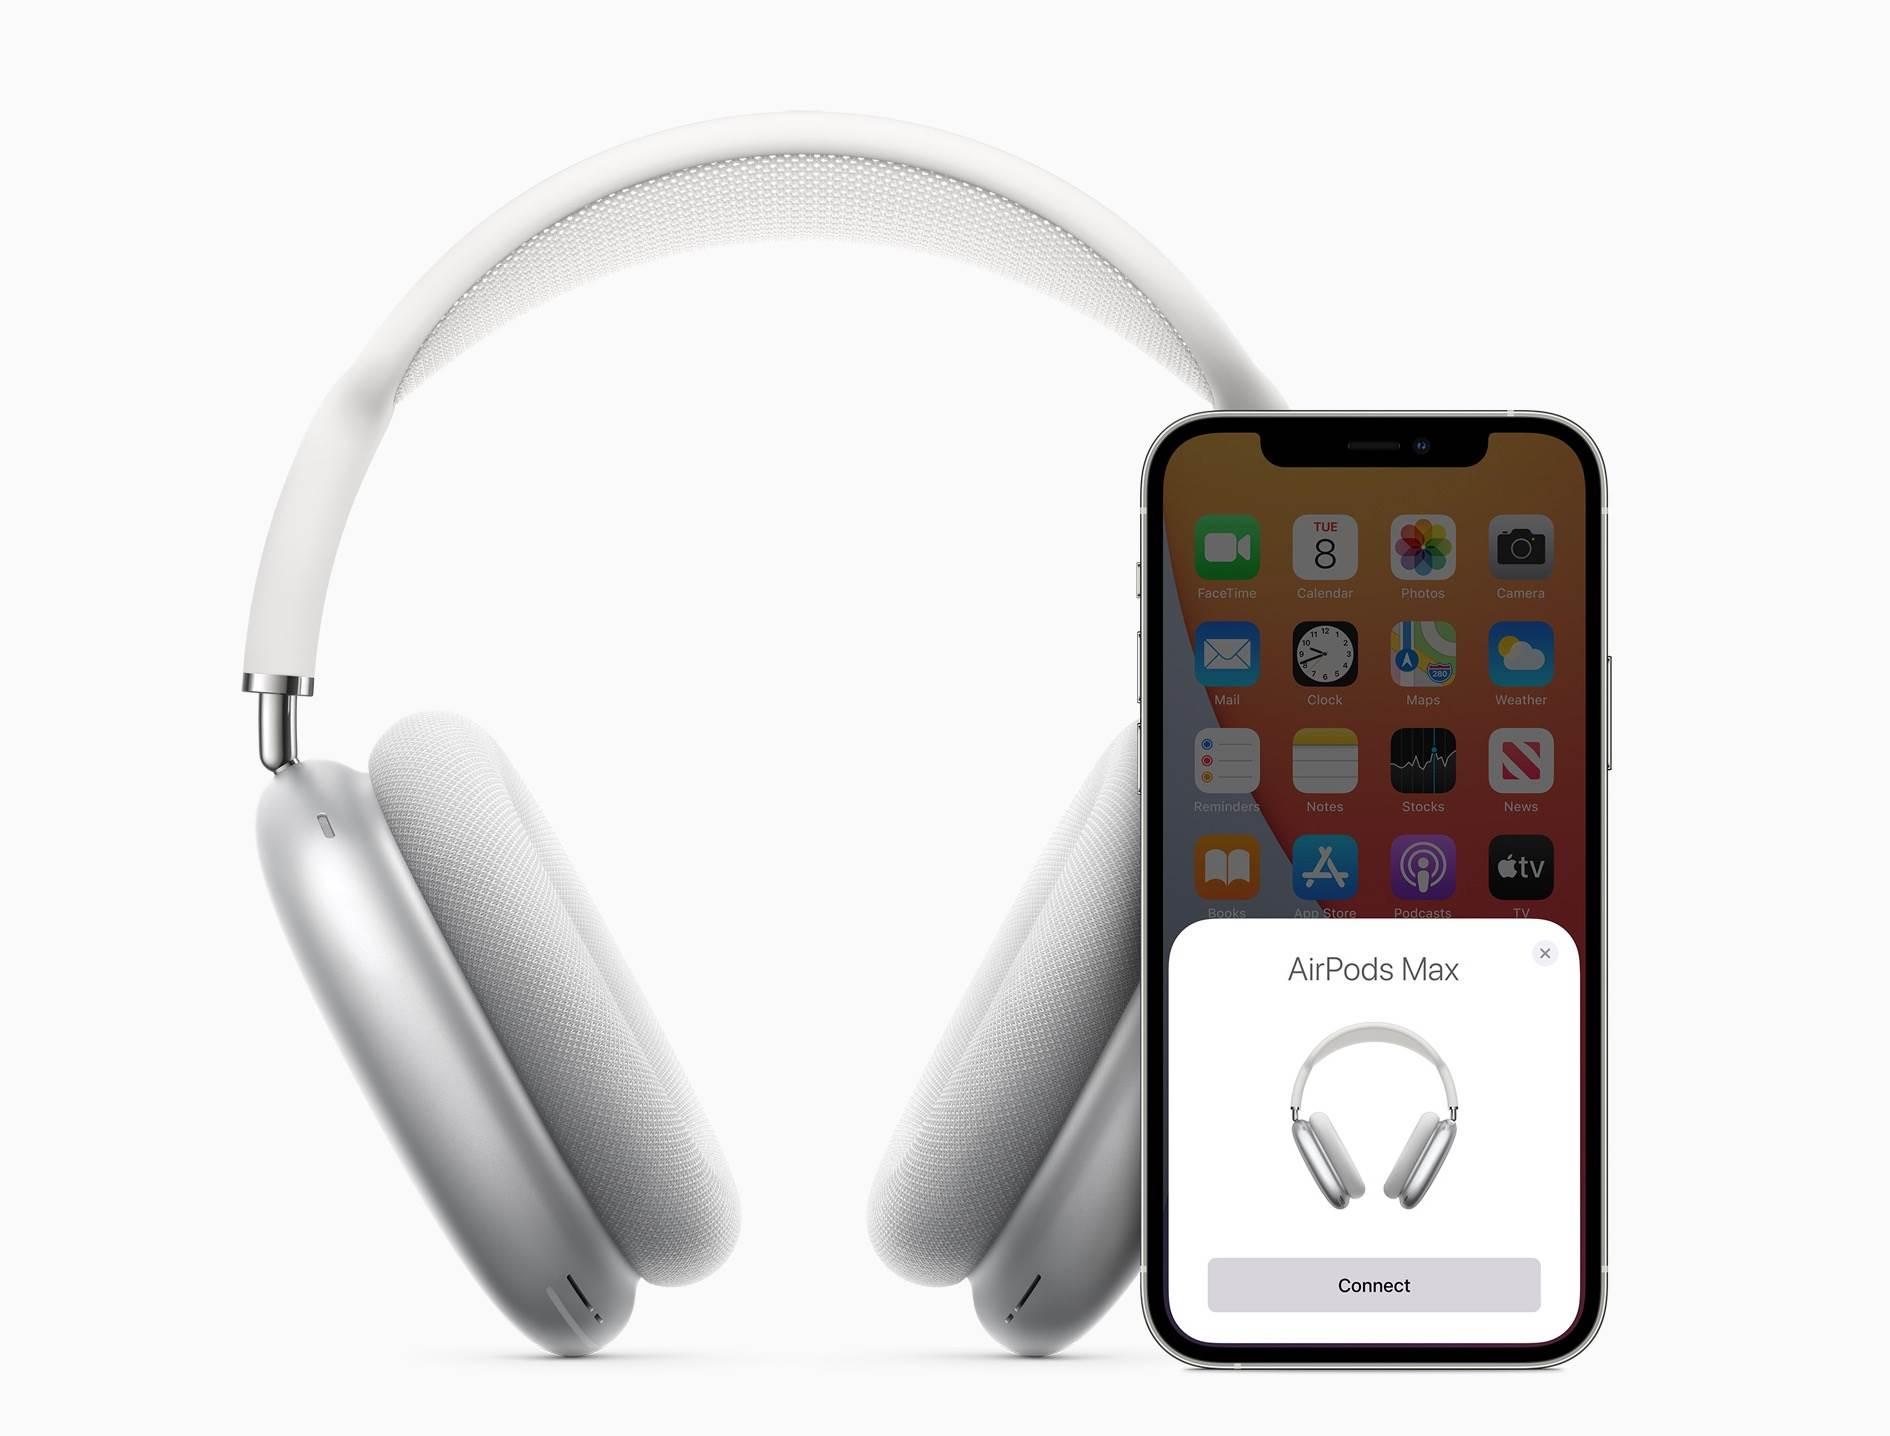 Apple wydało nowe oprogramowanie dla AirPods Max polecane, ciekawostki Update, nowe oprogramowania AirPods Max, aktualizacja oprogramowania AirPods Max, AirPods Max  Firma Apple udostępniła nowe oprogramowanie układowe dla nausznych słuchawek AirPods Max. Nowa wersja softu powinna rozwiązać problem z szybkim rozładowaniem baterii. AirPodsMax 1